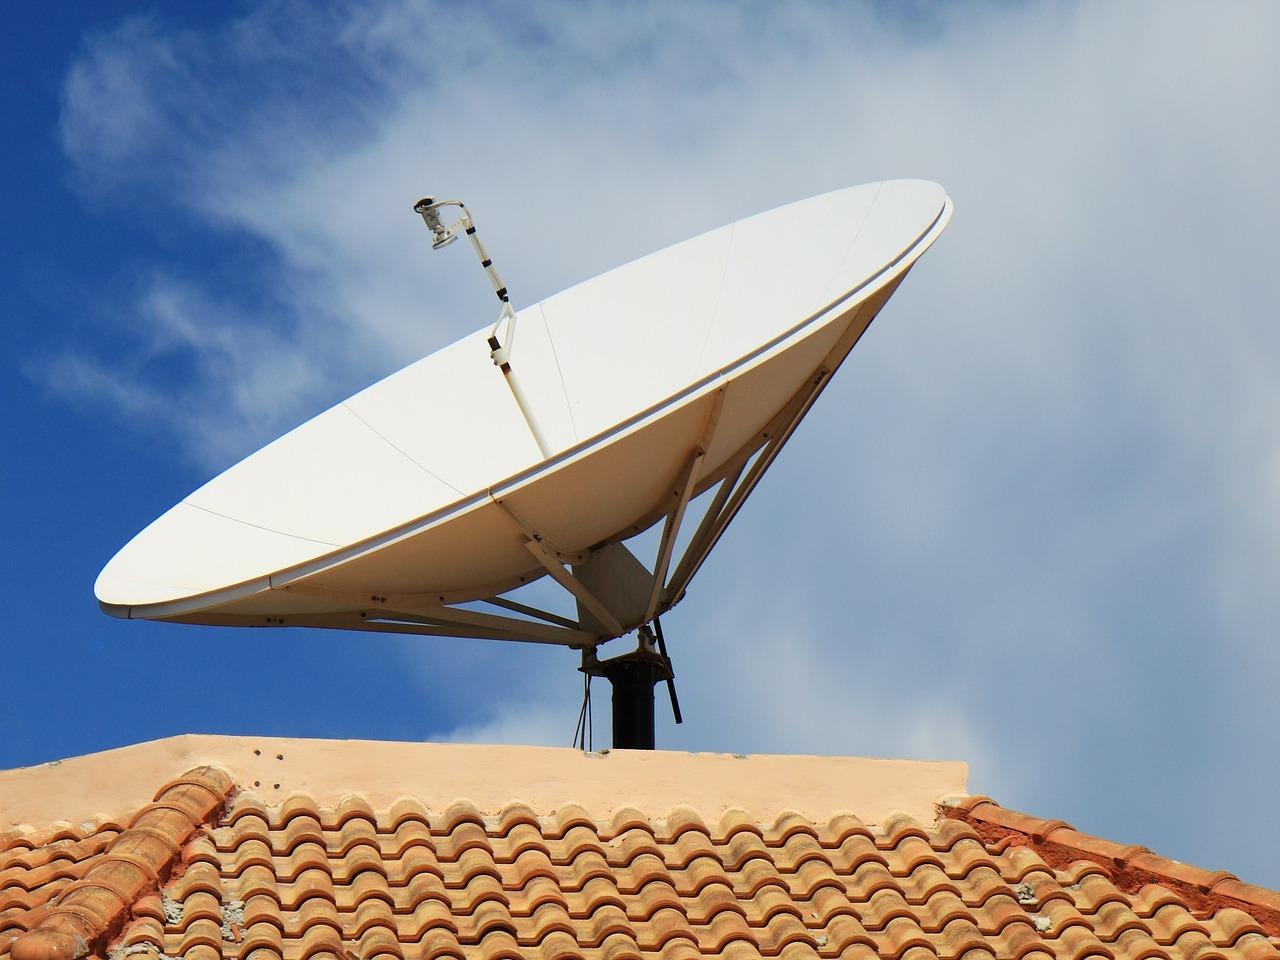 Saving on broadband, satellite or digital TV